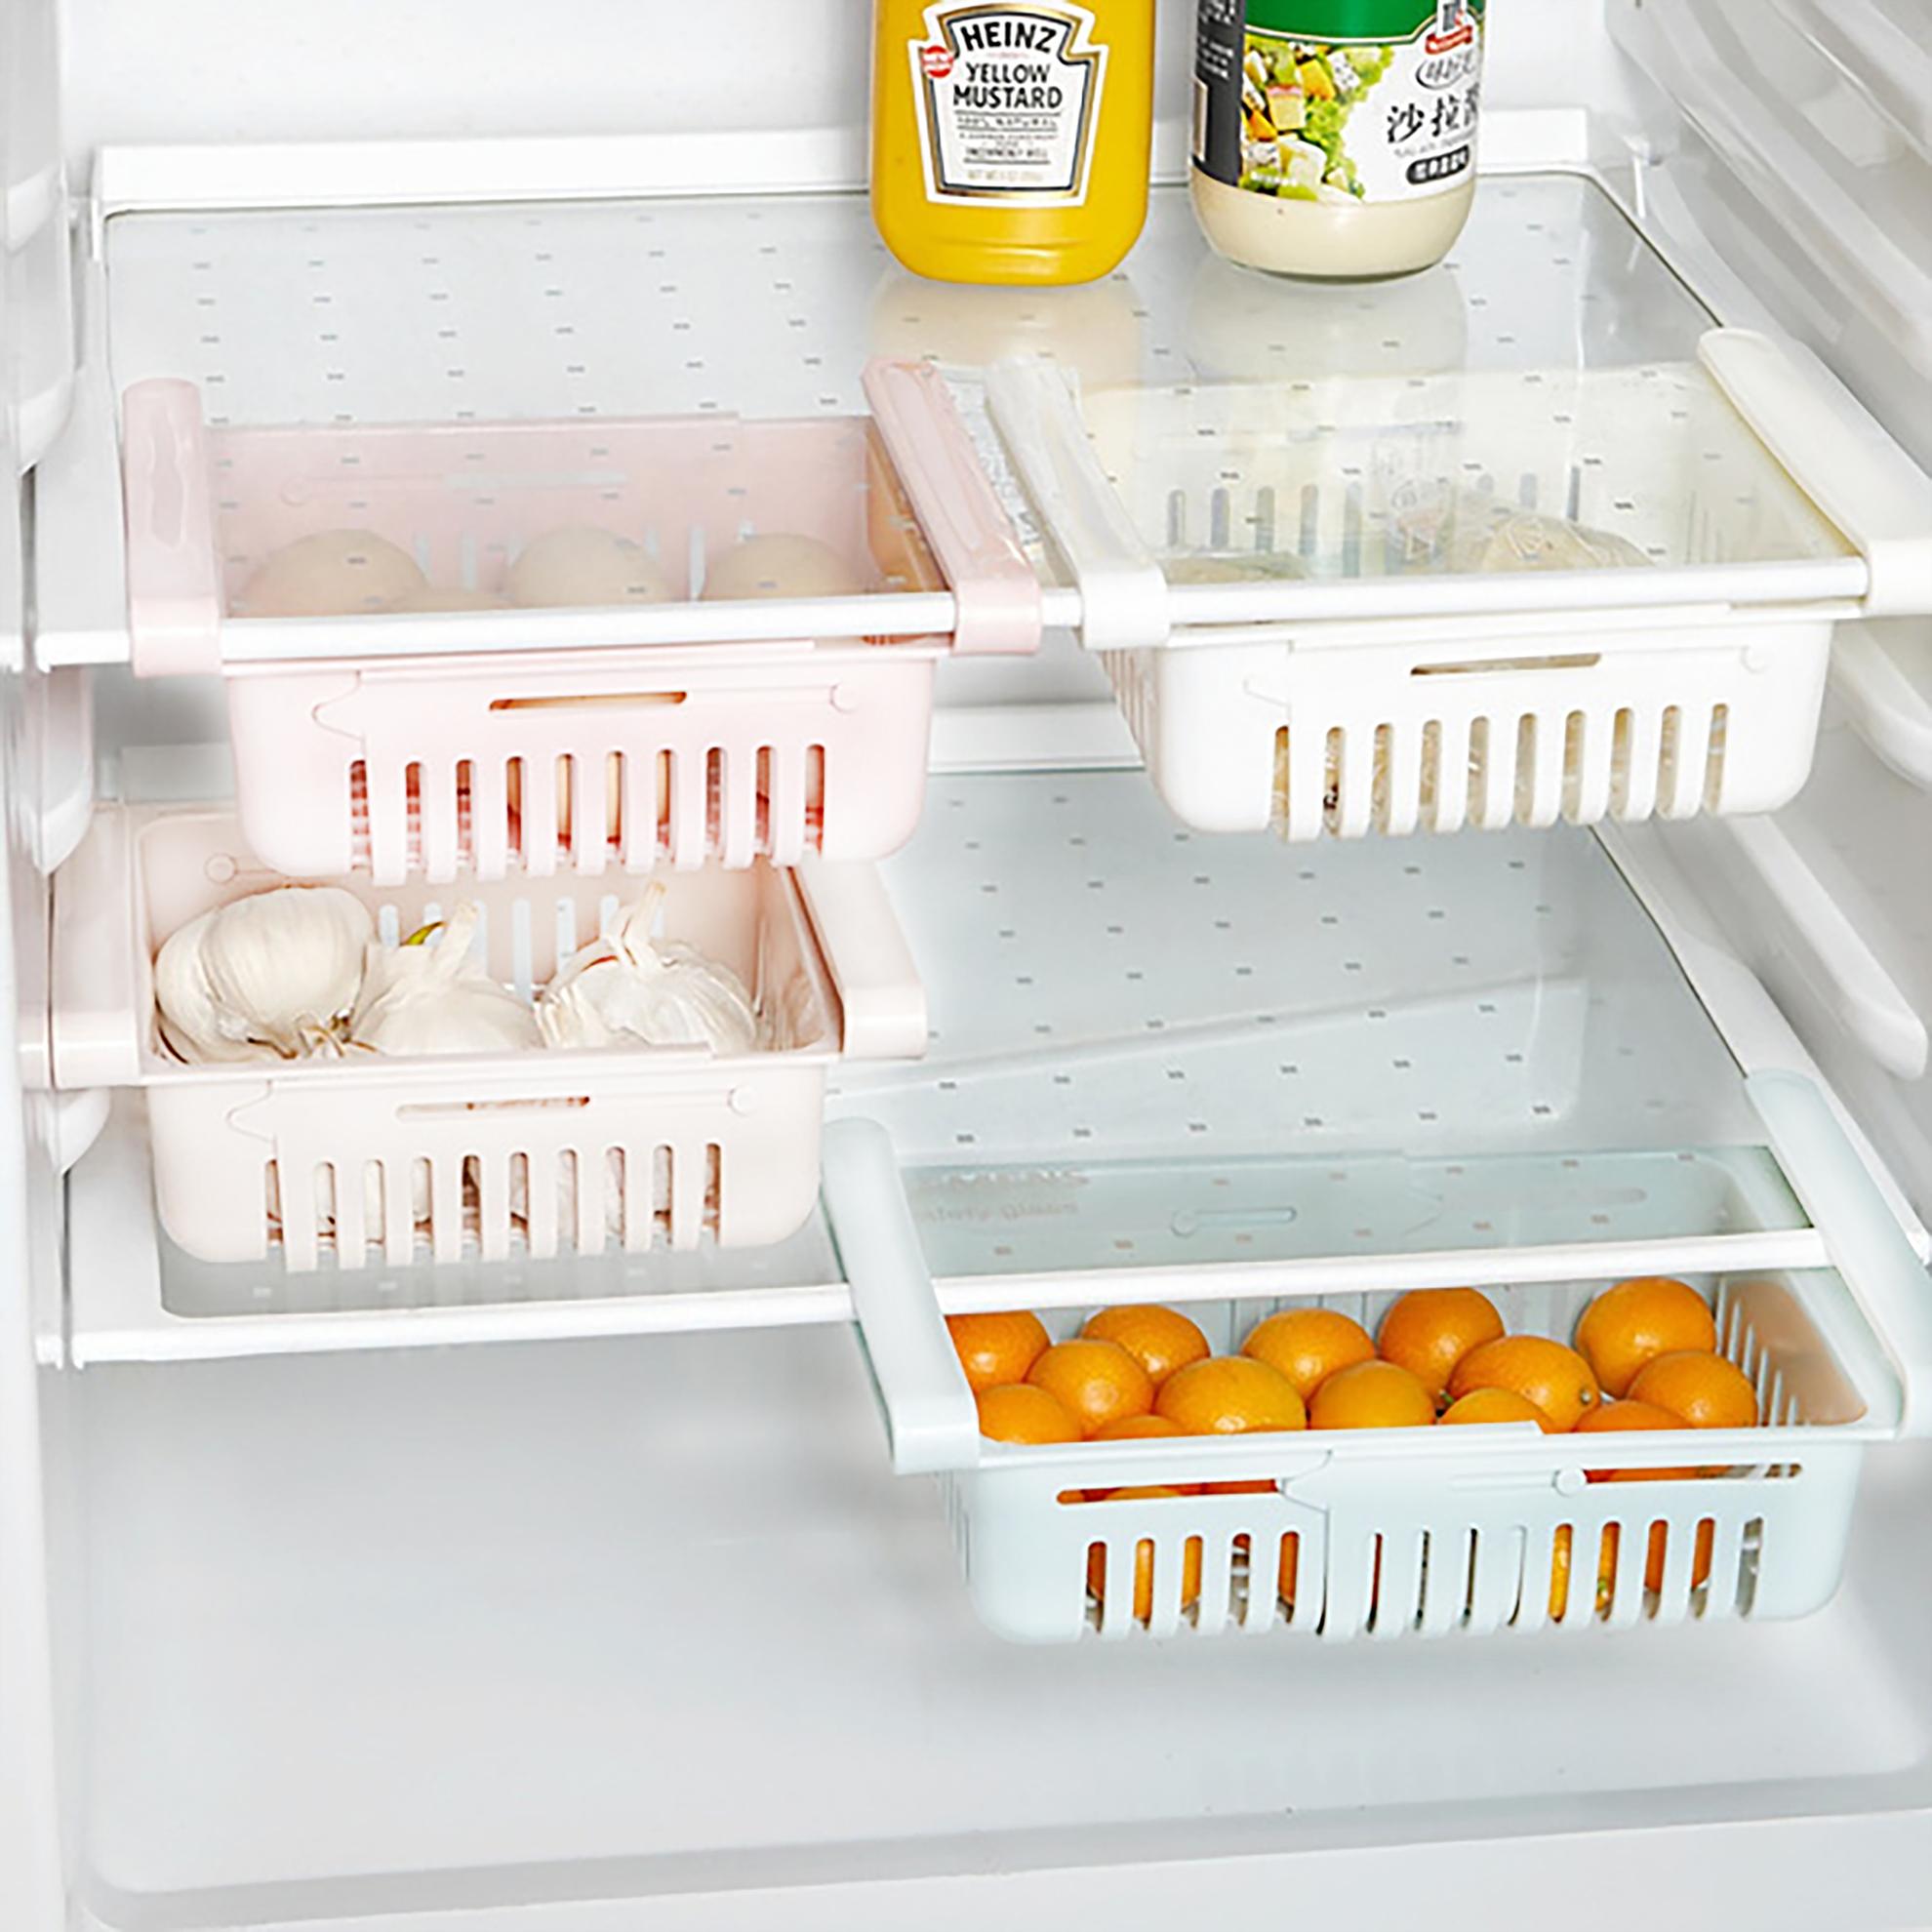 Superobchod.sk | Výsuvný úložný box do chladničky